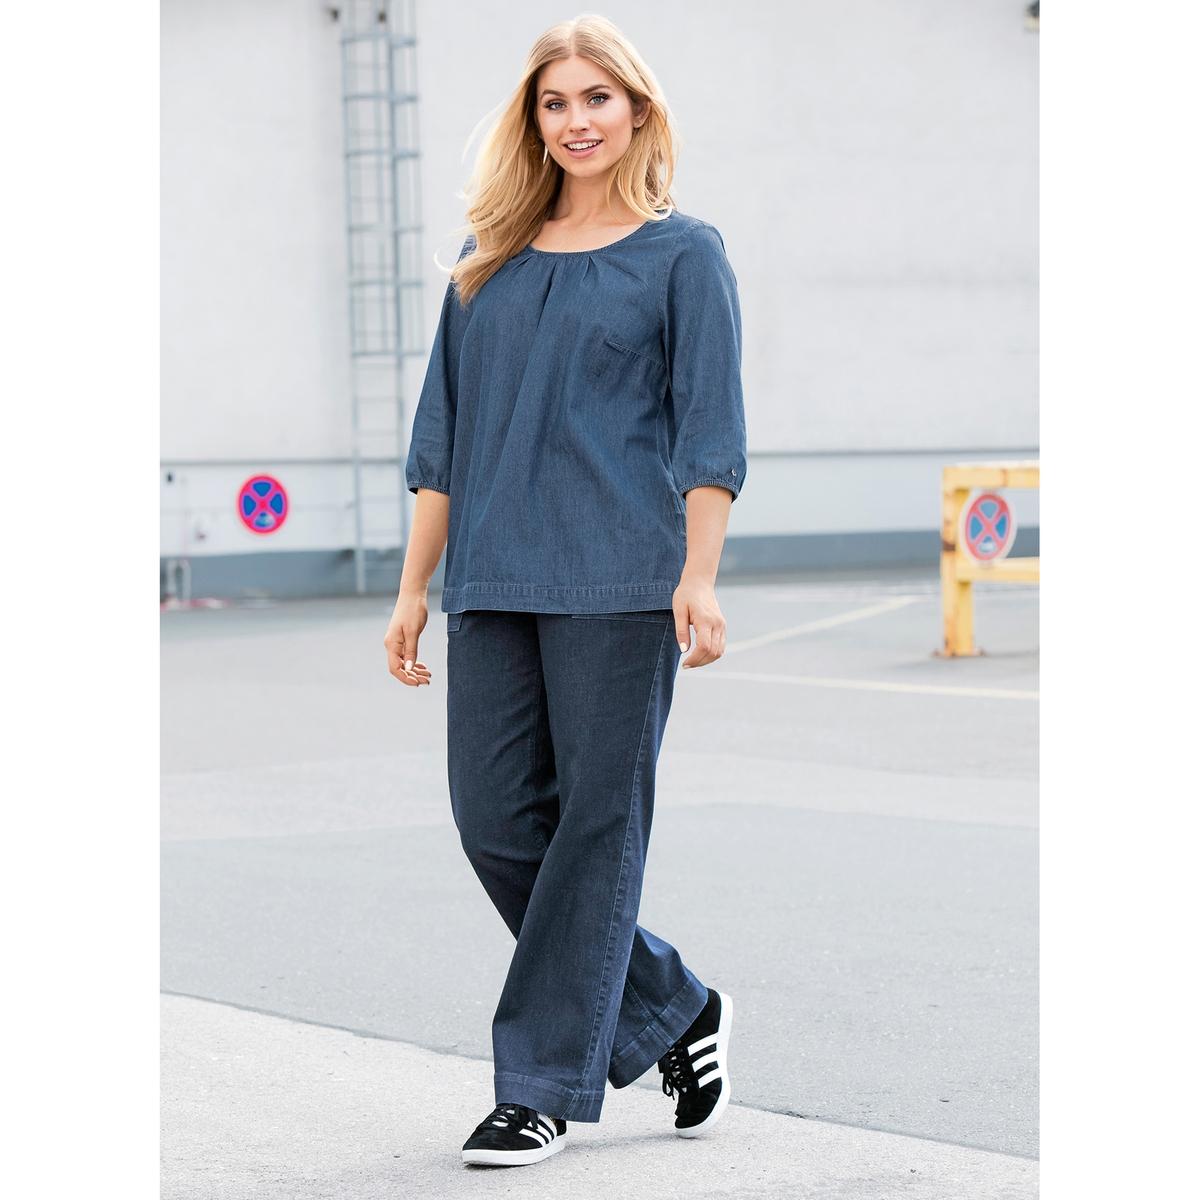 БлузкаМягкая блузка из денима ULLA POPKEN. Свободный круглый вырез, низ с кулиской и рукава 3/4 с краями на резинке. 100% хлопок. Длина в зависимости от размера. 68-78 см<br><br>Цвет: синий джинсовый